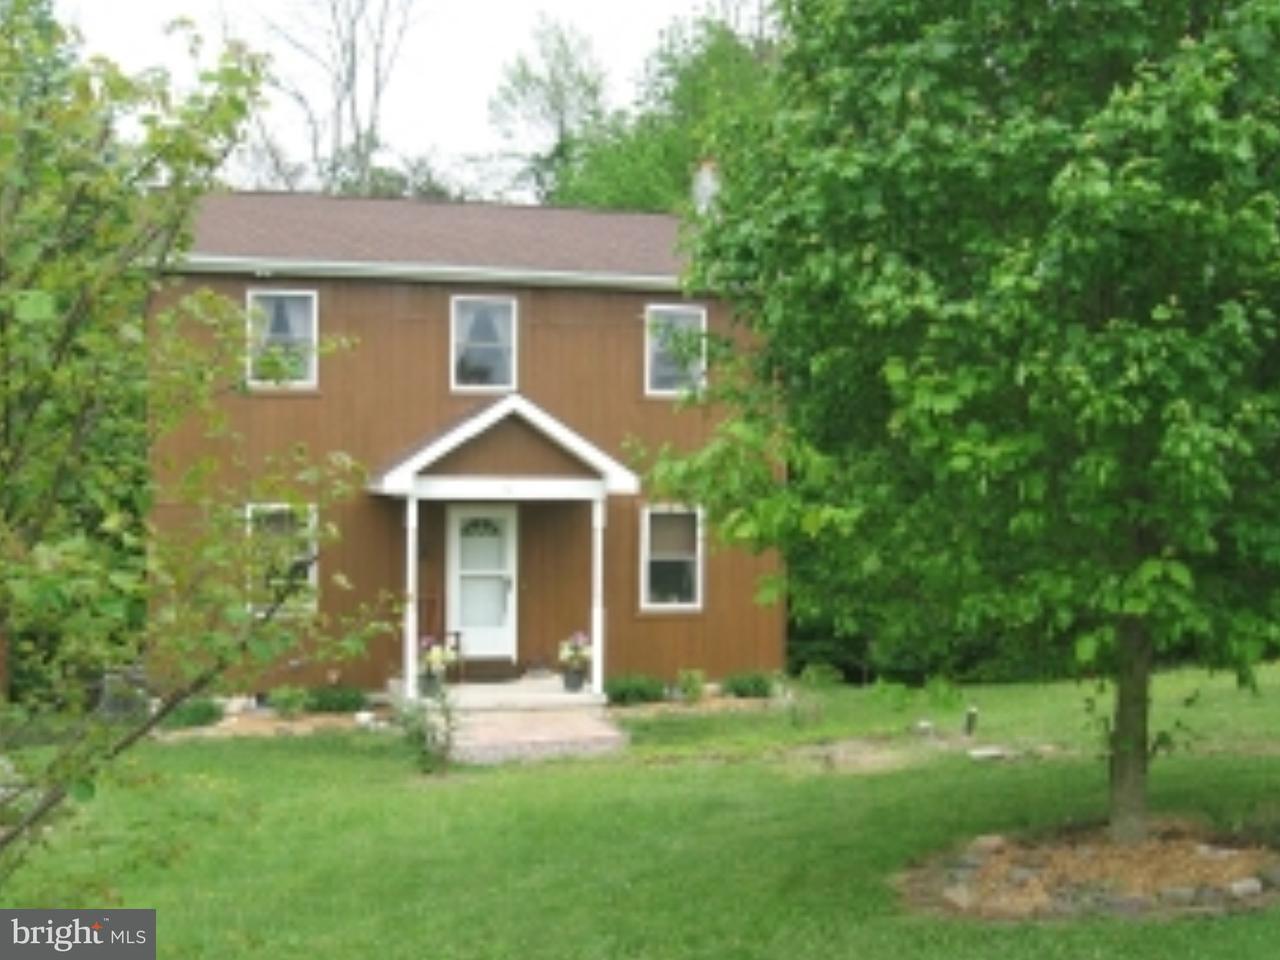 独户住宅 为 销售 在 74 SHENANDOAH Road Ringtown, 宾夕法尼亚州 17967 美国在/周边: Union Township